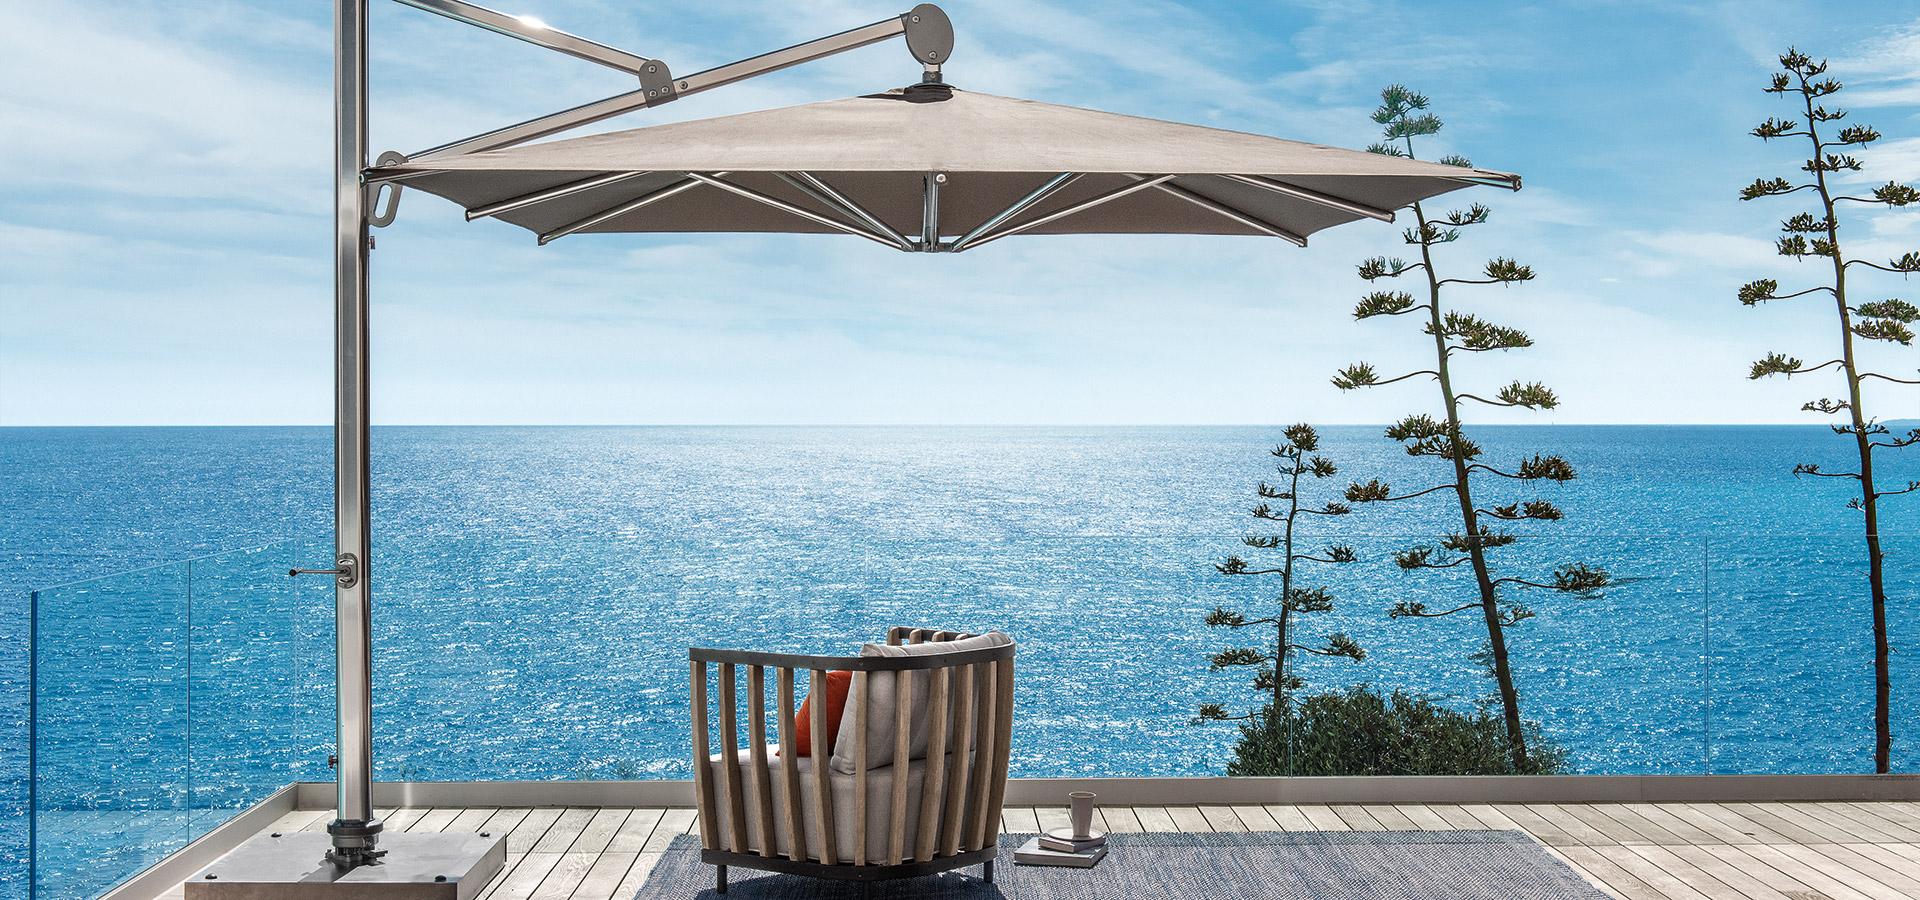 ombrellone collezione freedom di ethimo arredamento design. Black Bedroom Furniture Sets. Home Design Ideas